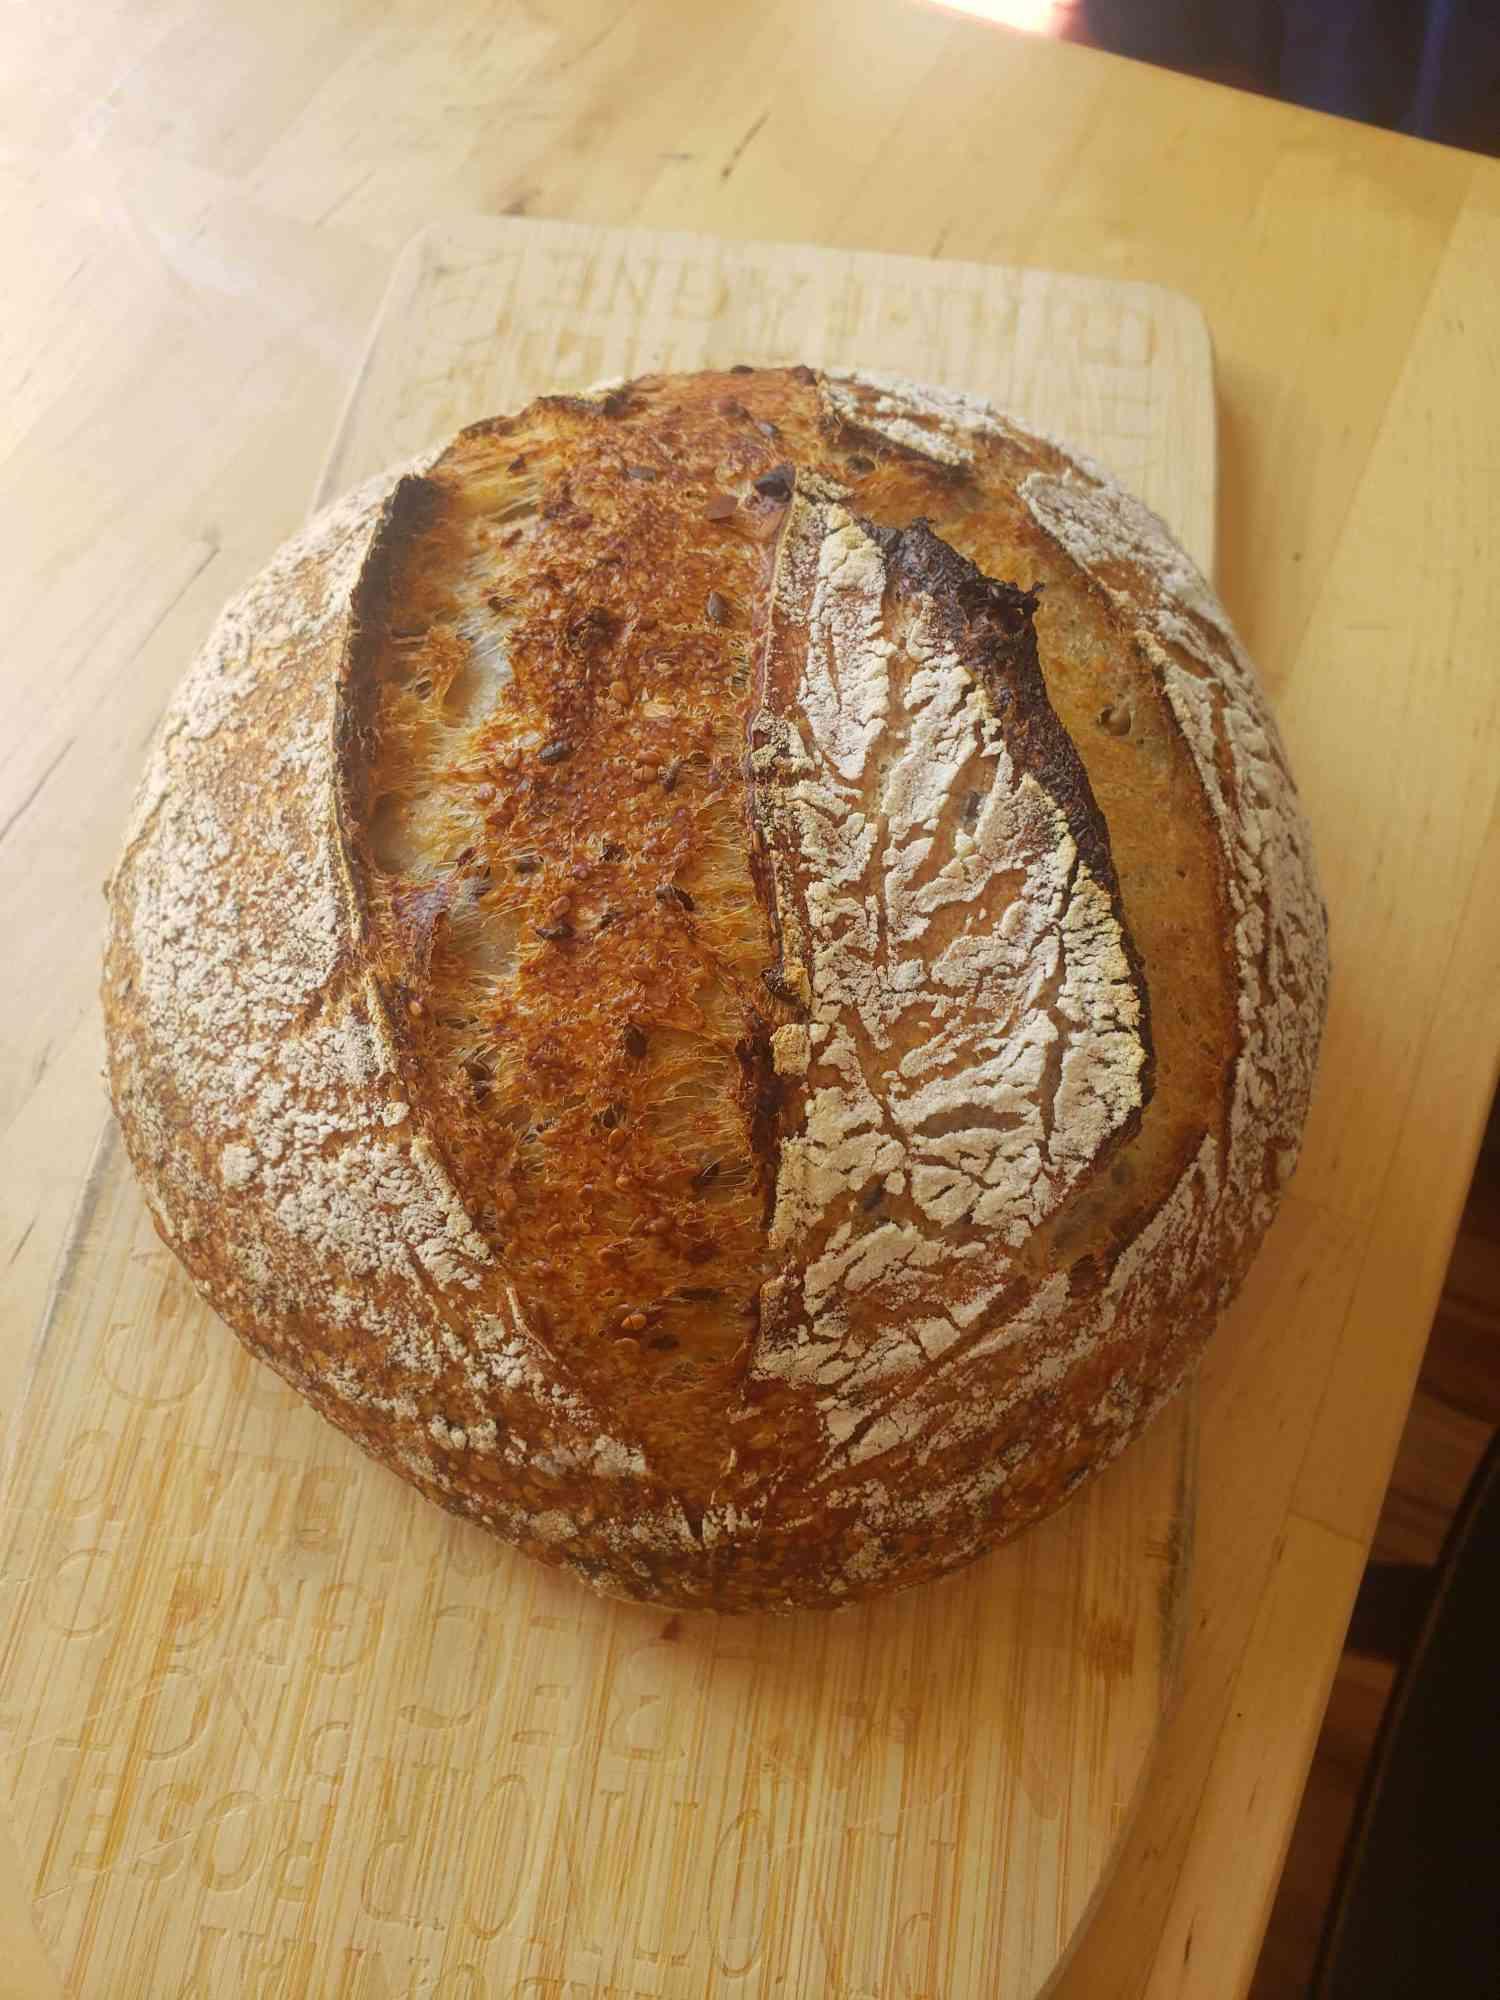 Daniel DK's bread, overhead shot